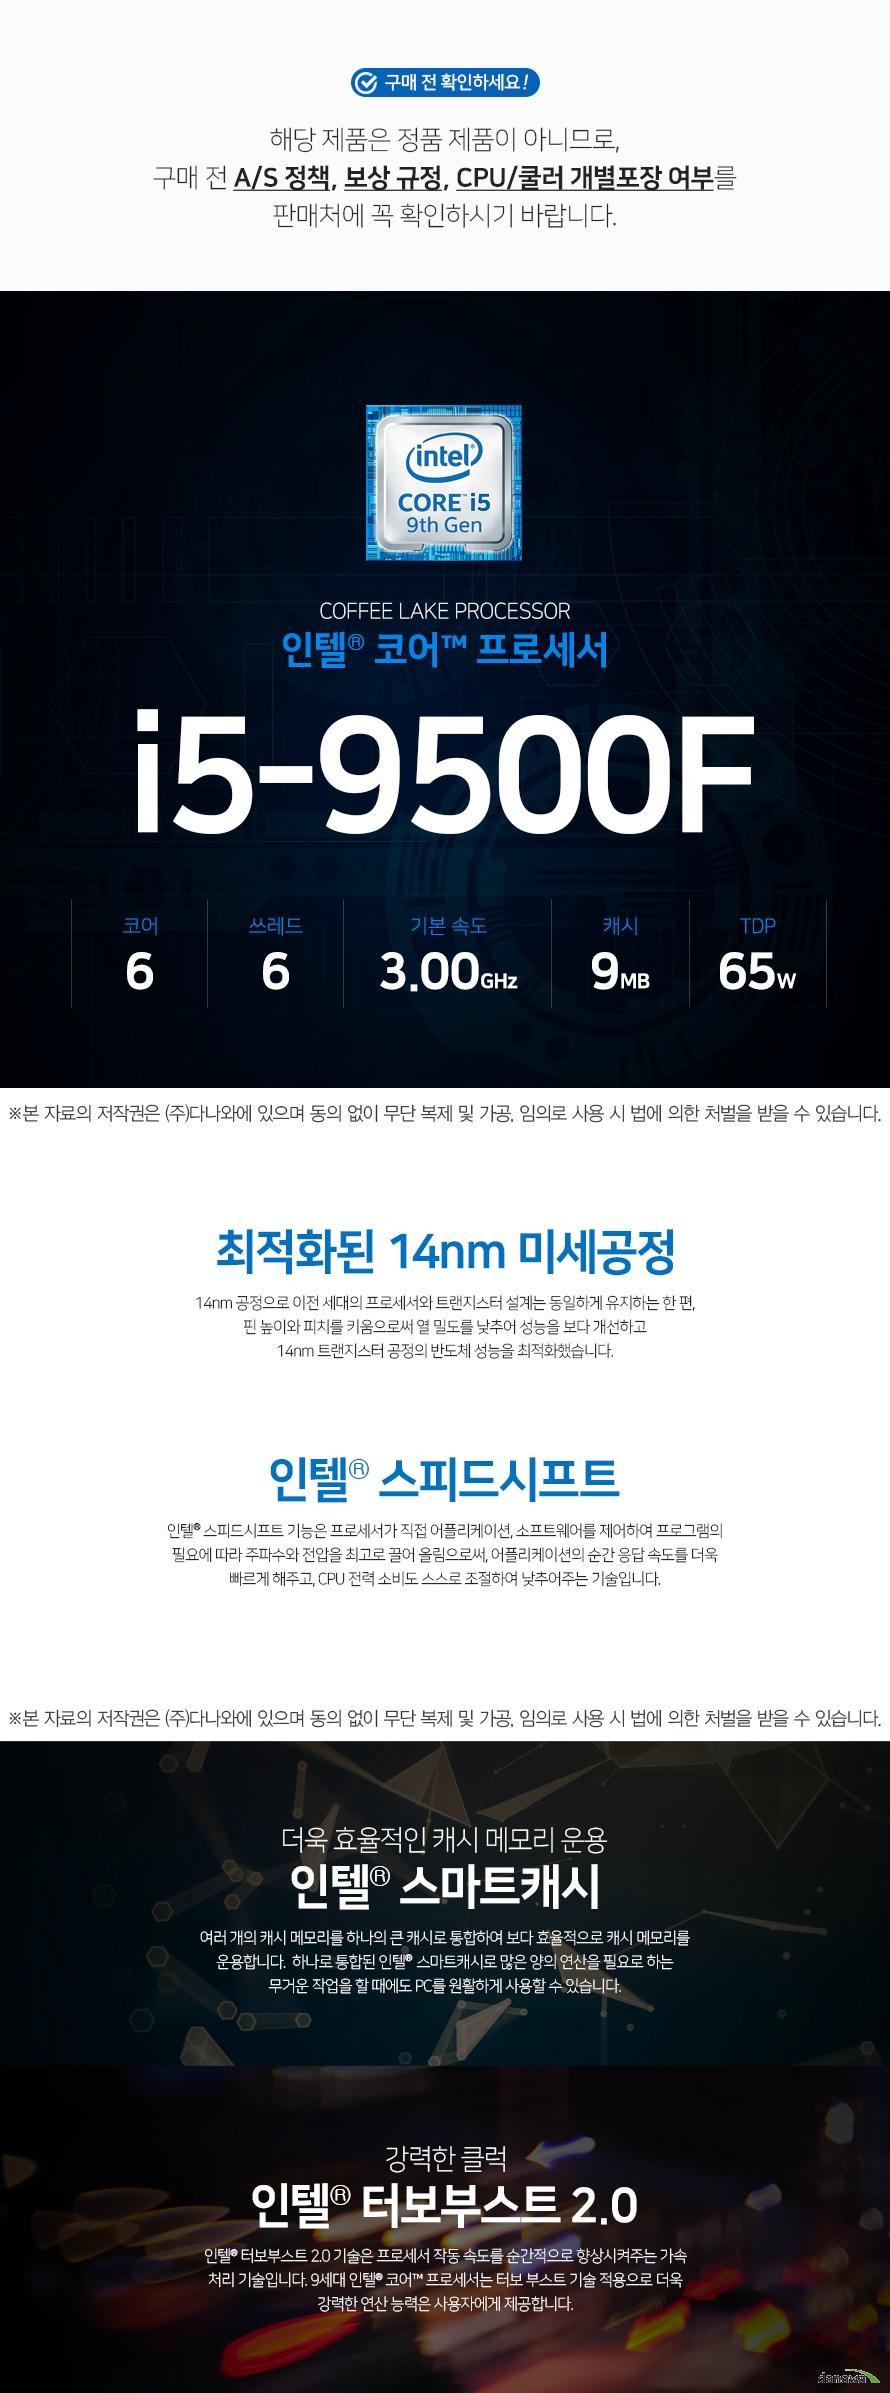 인텔 코어i5-9세대 9500F (커피레이크-R)  해당 제품은 정품 제품이 아니므로,구매 전 A/S 정책, 보상 규정, CPU/쿨러 개별포장 여부를 판매처에 꼭 확인하시기 바랍니다.    최적화된 14nm 미세공정 14nm 공정으로 이전 세대의 프로세서와 트랜지스터 설계는 동일하게 유지하는 한 편,  핀 높이와 피치를 키움으로써 열 밀도를 낮추어 성능을 보다 개선하고  14nm 트랜지스터 공정의 반도체 성능을 최적화했습니다.   인텔® 스피드시프트 인텔® 스피드시프트 기능은 프로세서가 직접 어플리케이션, 소프트웨어를 제어하여 프로그램의 필요에 따라 주파수와 전압을 최고로 끌어 올림으로써, 어플리케이션의 순간 응답 속도를 더욱 빠르게 해주고, CPU 전력 소비도 스스로 조절하여 낮추어주는 기술입니다.  더욱 효율적인 캐시 메모리 운용 인텔 스마트캐시  여러 개의 캐시 메모리를 하나의 큰 캐시로 통합하여 보다 효률적으로 캐시 메모리를 운용합니다.  하나로 통합된 인텔 스마트캐시로 많은 양의 연산을 필요로 하는 무거운 작업을 할 때에도 PC를 원활하게 사용할 수 있습니다  강력한 클럭 인텔® 터보부스트 2.0 인텔® 터보부스트 2.0 기술은 프로세서 작동 속도를 순간적으로 향상시켜주는 가속 처리 기술입니다. 9세대 인텔® 코어™ 프로세서는 터보 부스트 기술 적용으로 더욱 강력한 연산 능력은 사용자에게 제공합니다.